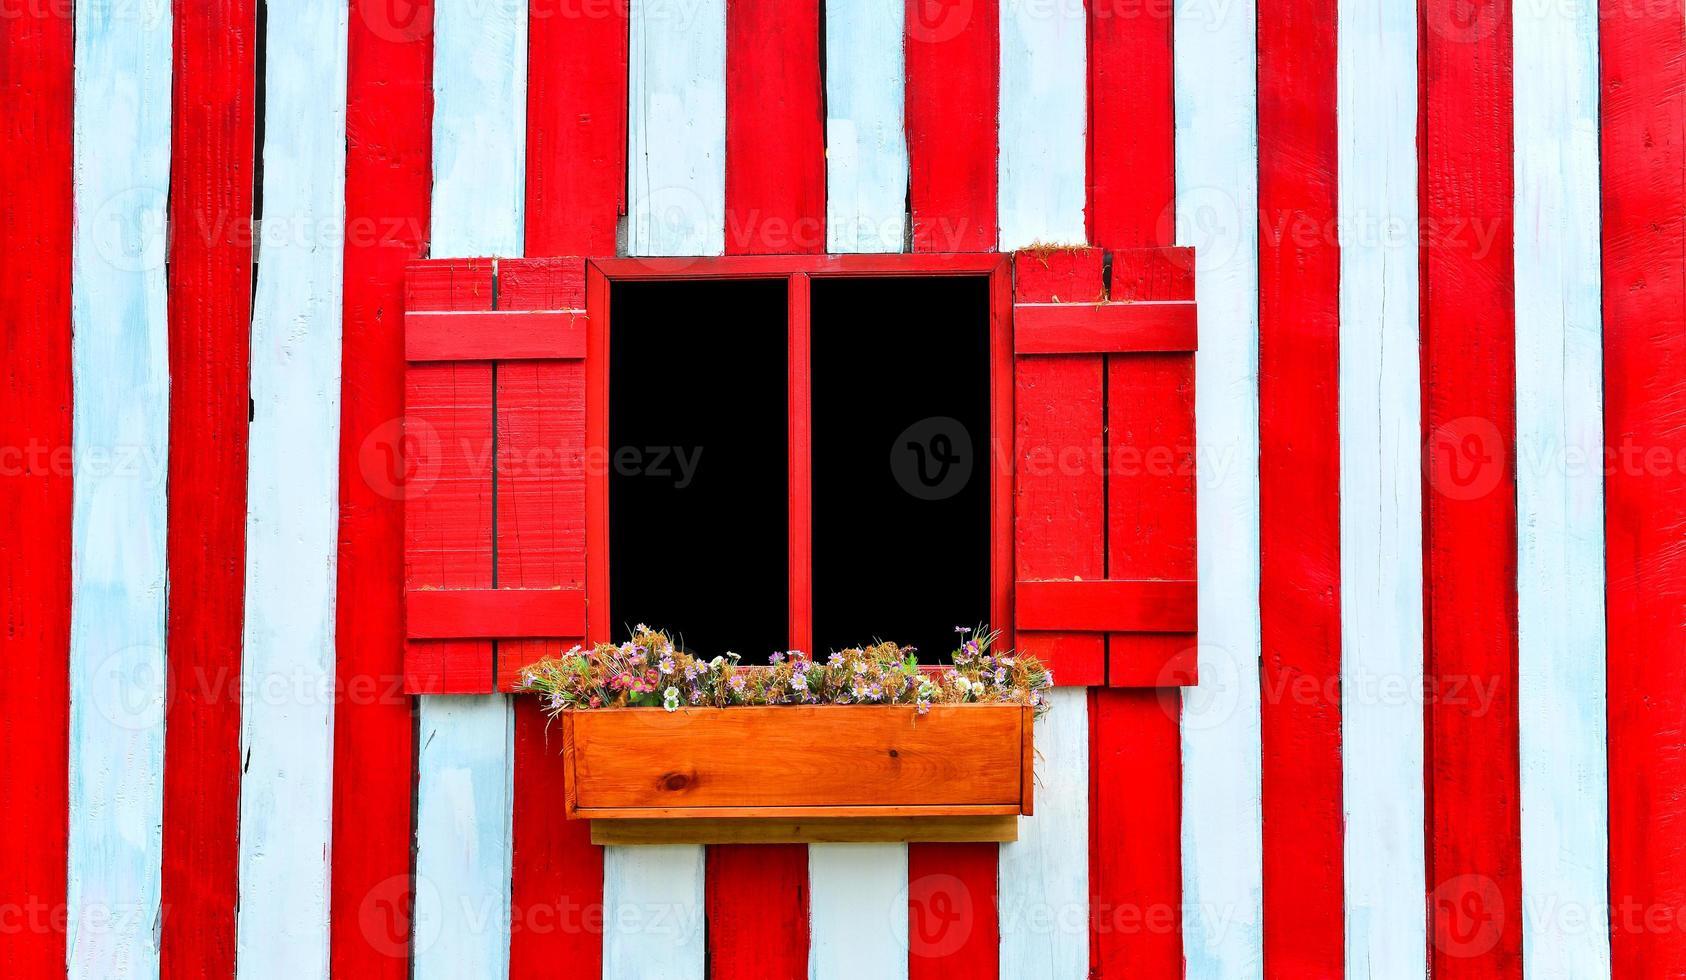 rotes Fenster auf roter und weißer Holzwand foto